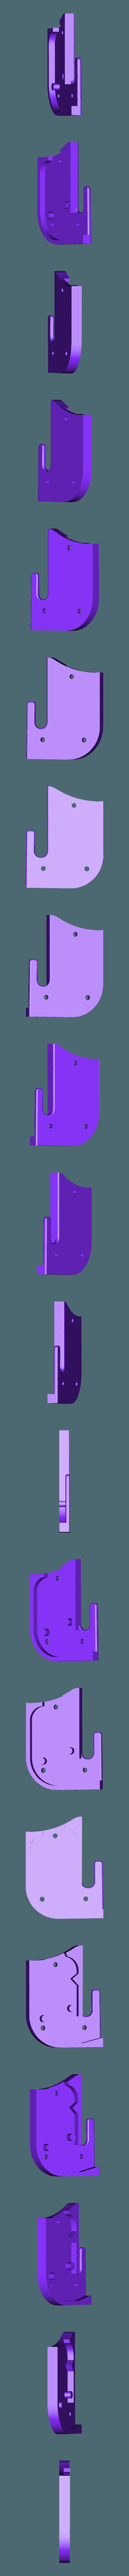 2.stl Télécharger fichier STL gratuit Déclencheur de feu pour jeux mobiles • Objet à imprimer en 3D, EliGreen